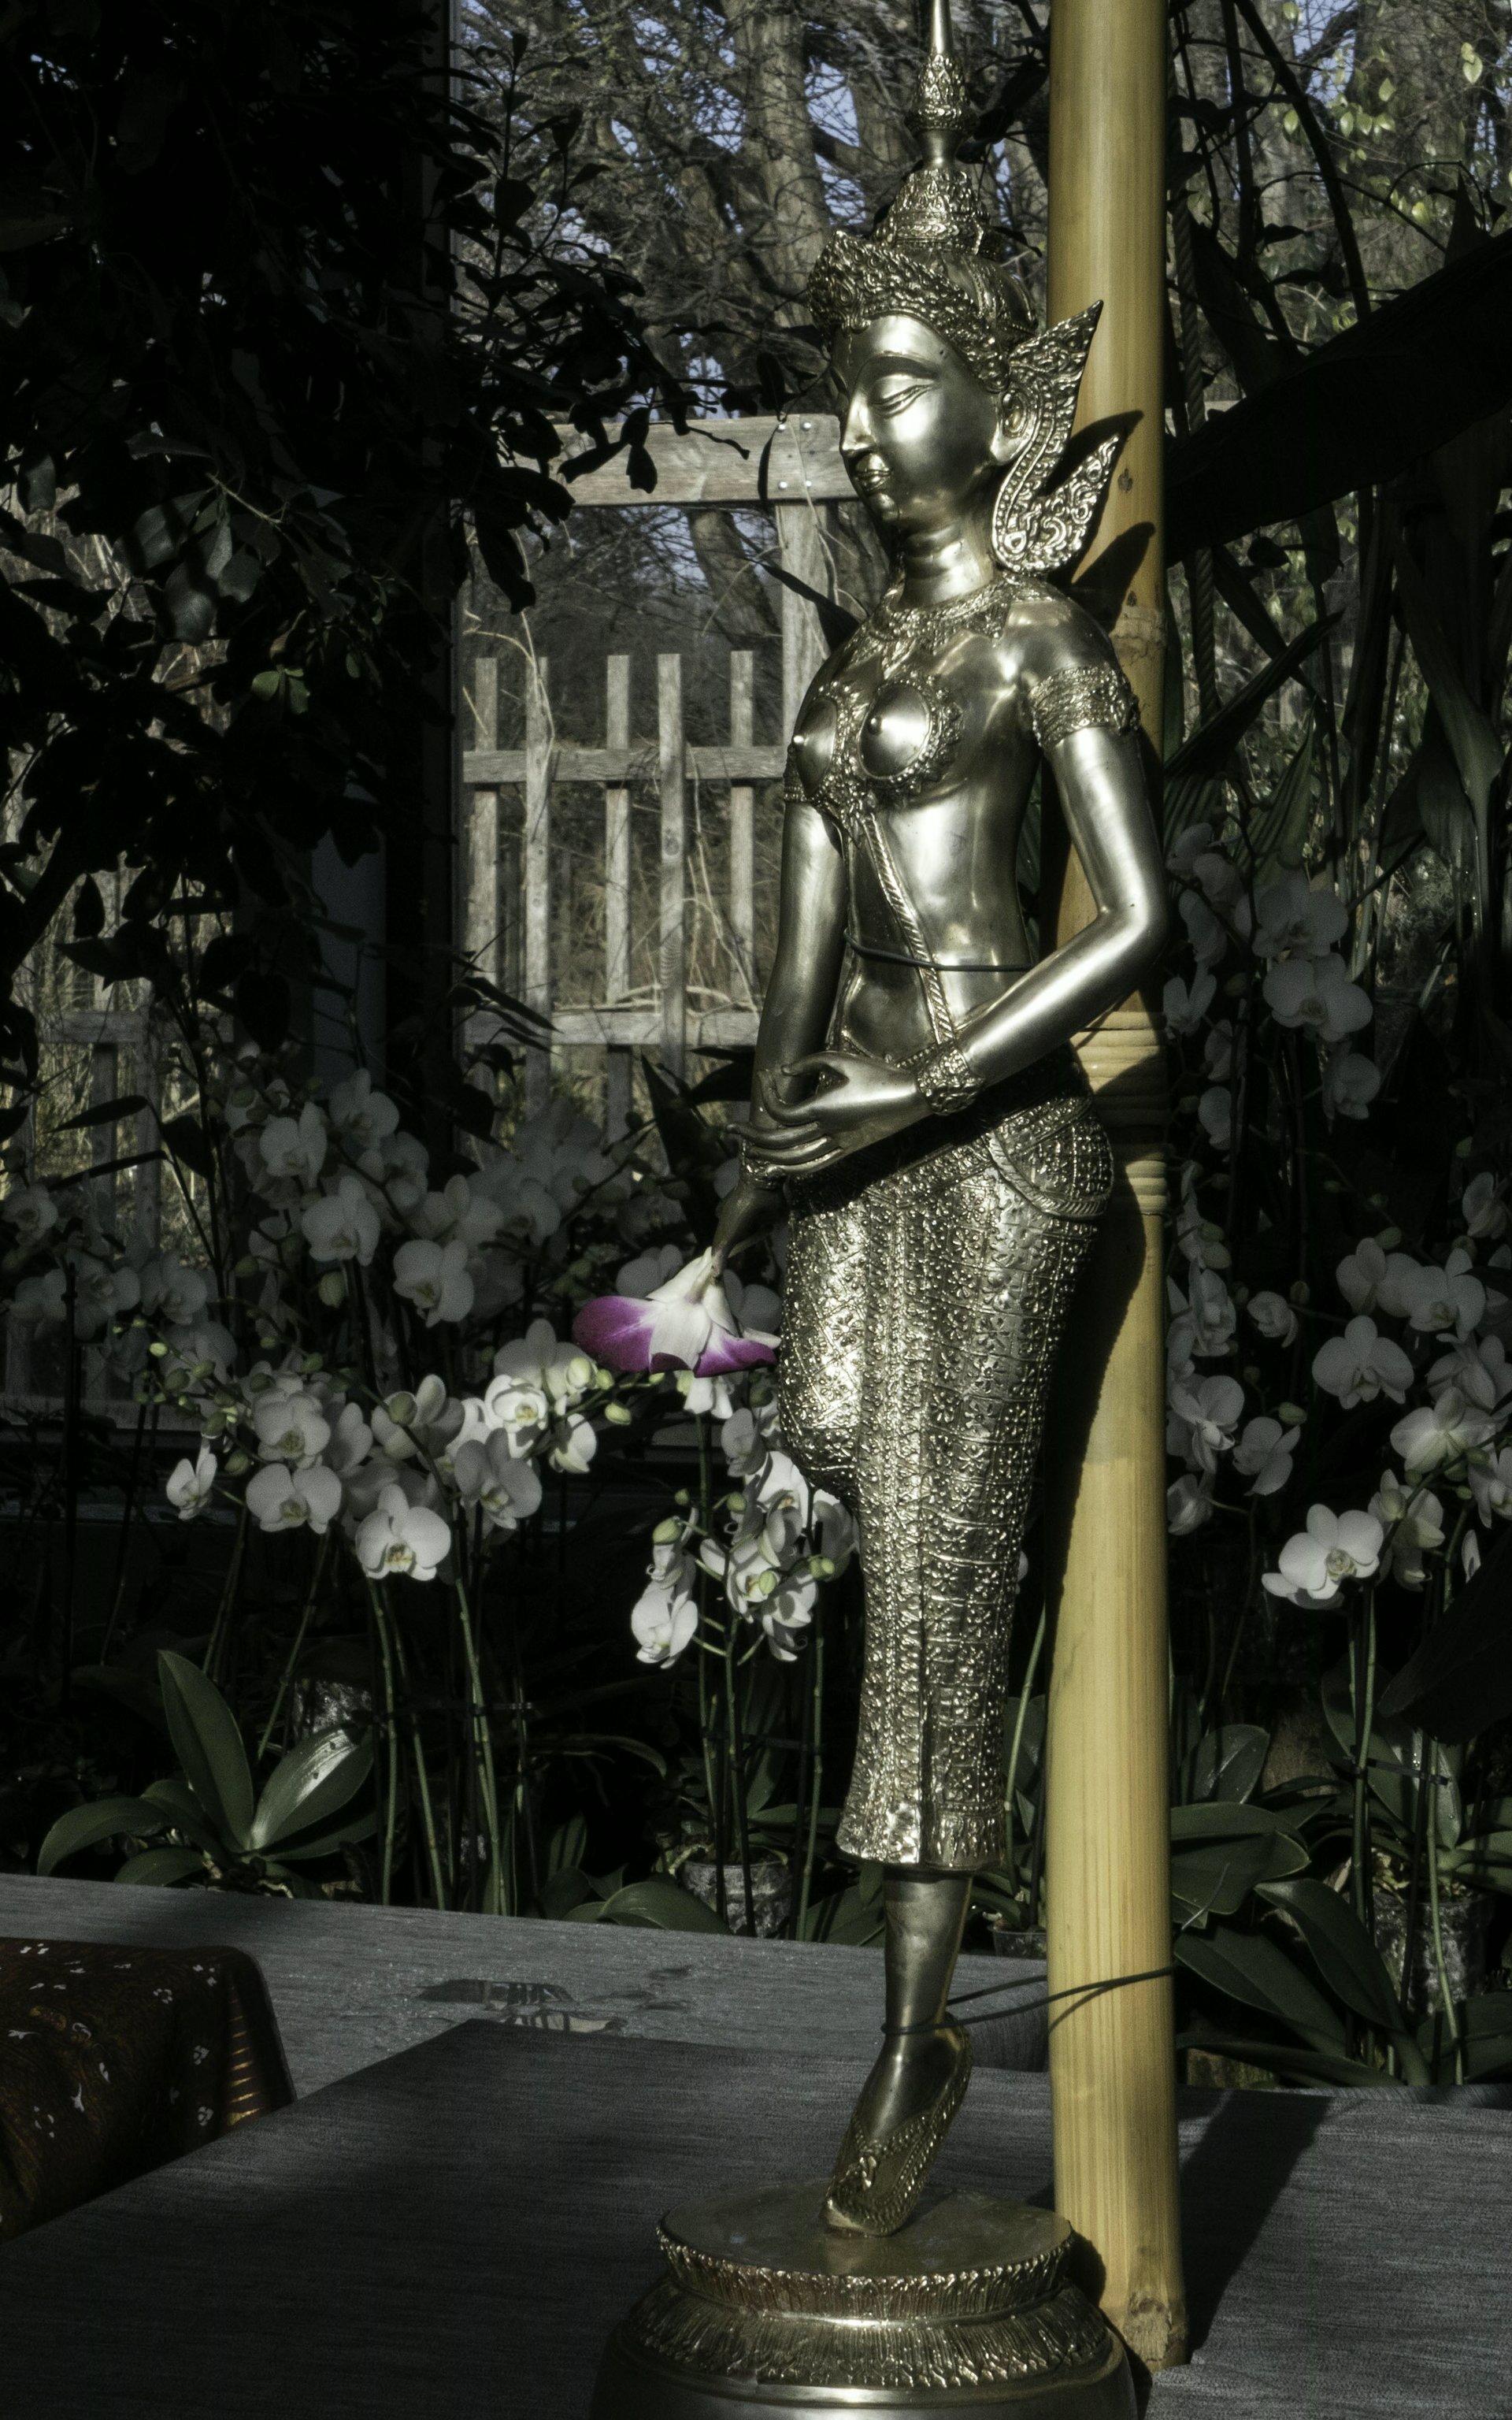 Asiatische Statue im Orchideenhaus im Berggarten